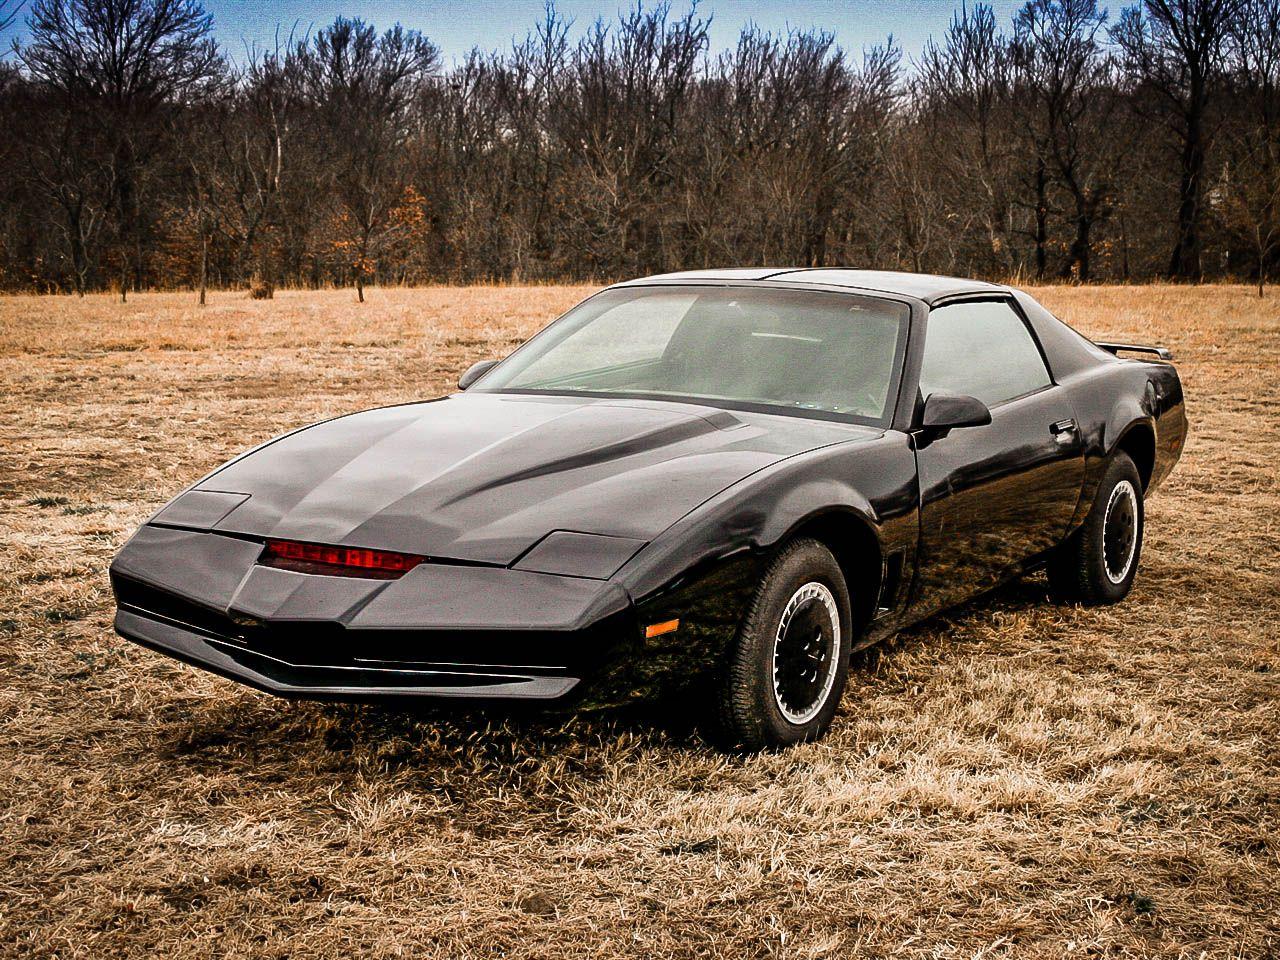 knight rider kitt 1982 pontiac trans am movie tv cars. Black Bedroom Furniture Sets. Home Design Ideas